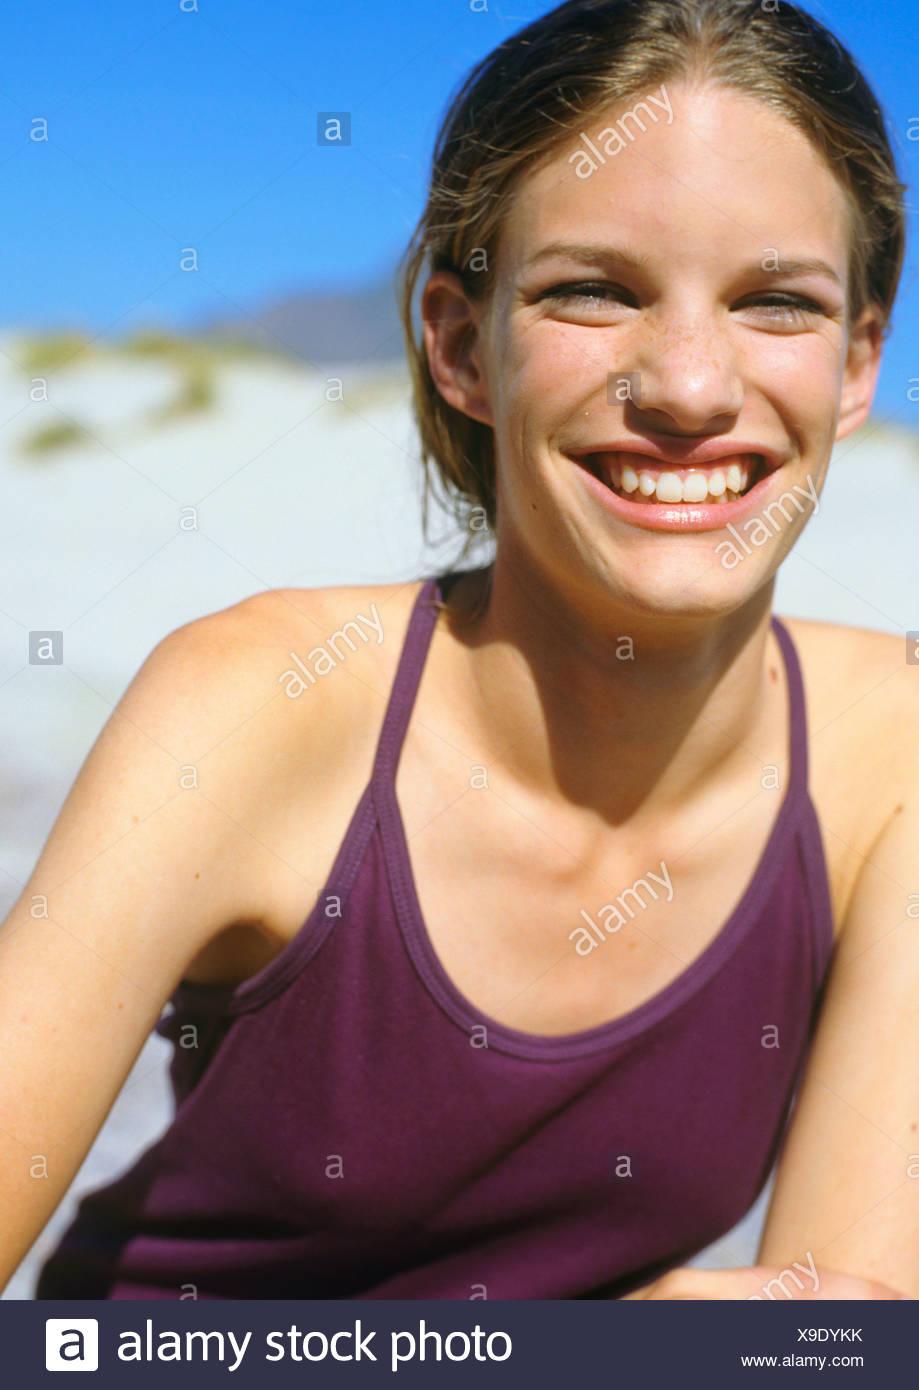 Woman laughs at camera Stock Photo